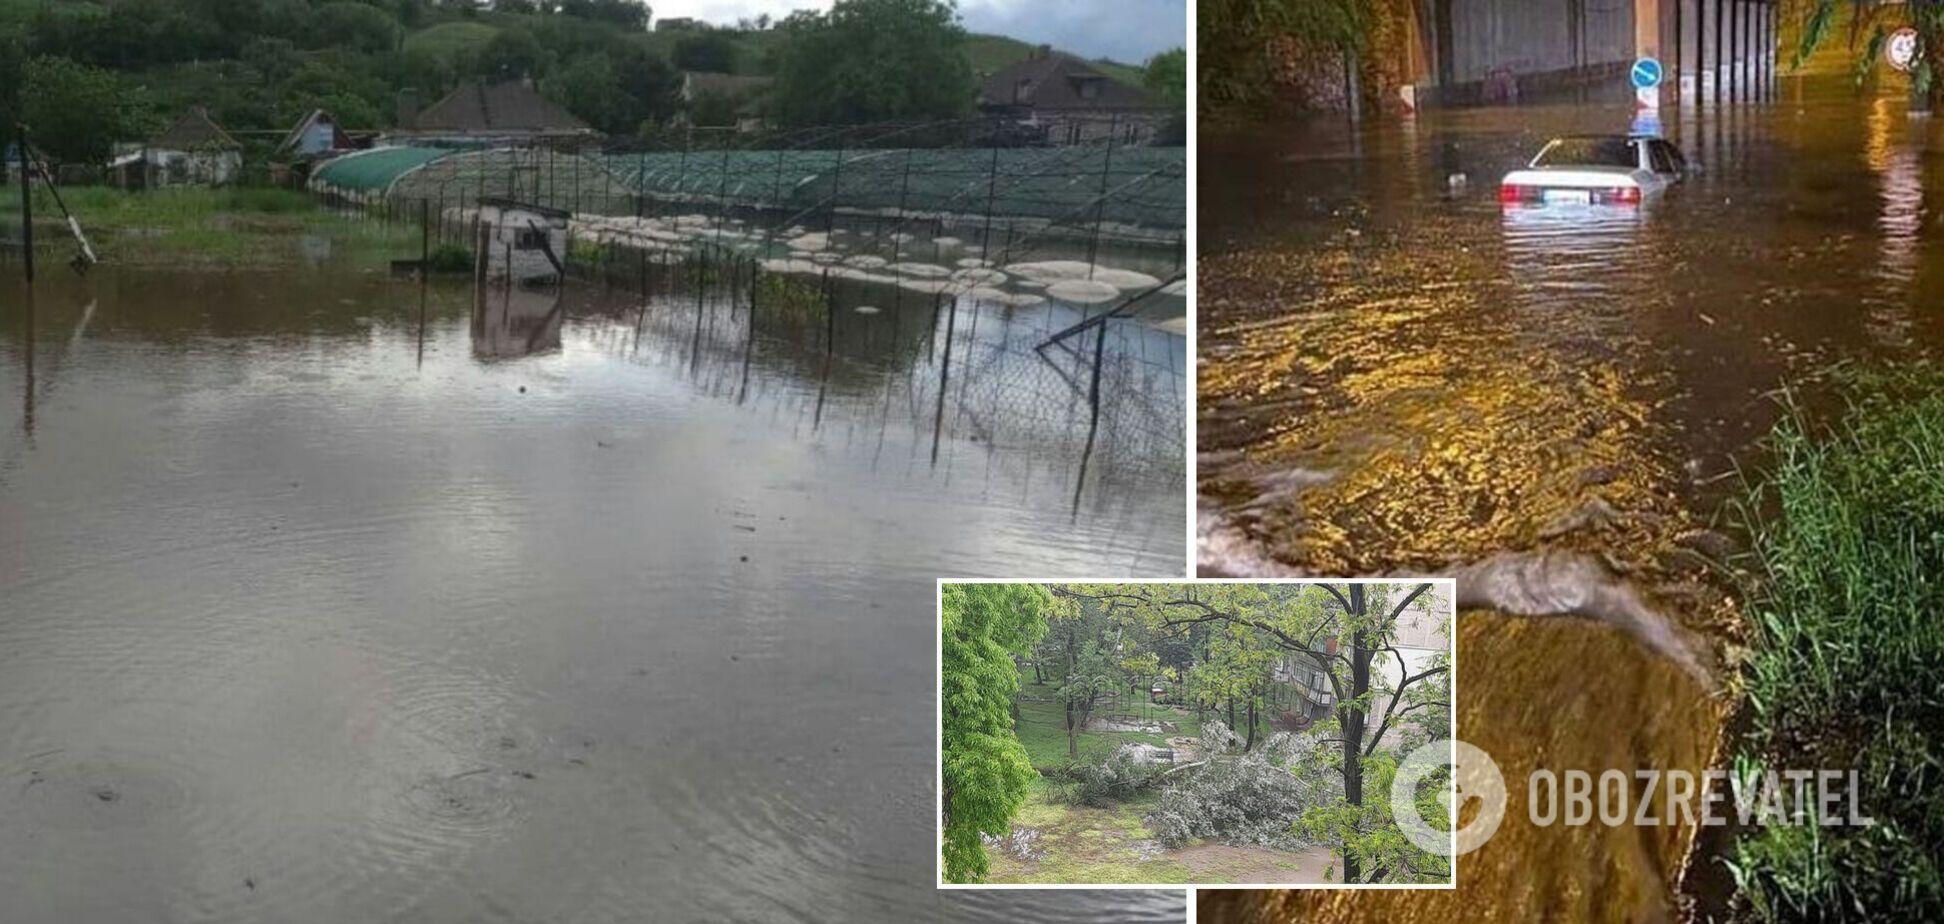 Мариуполь ушел под воду из-за мощных ливней: затопило дома и улицы. Фото и видео